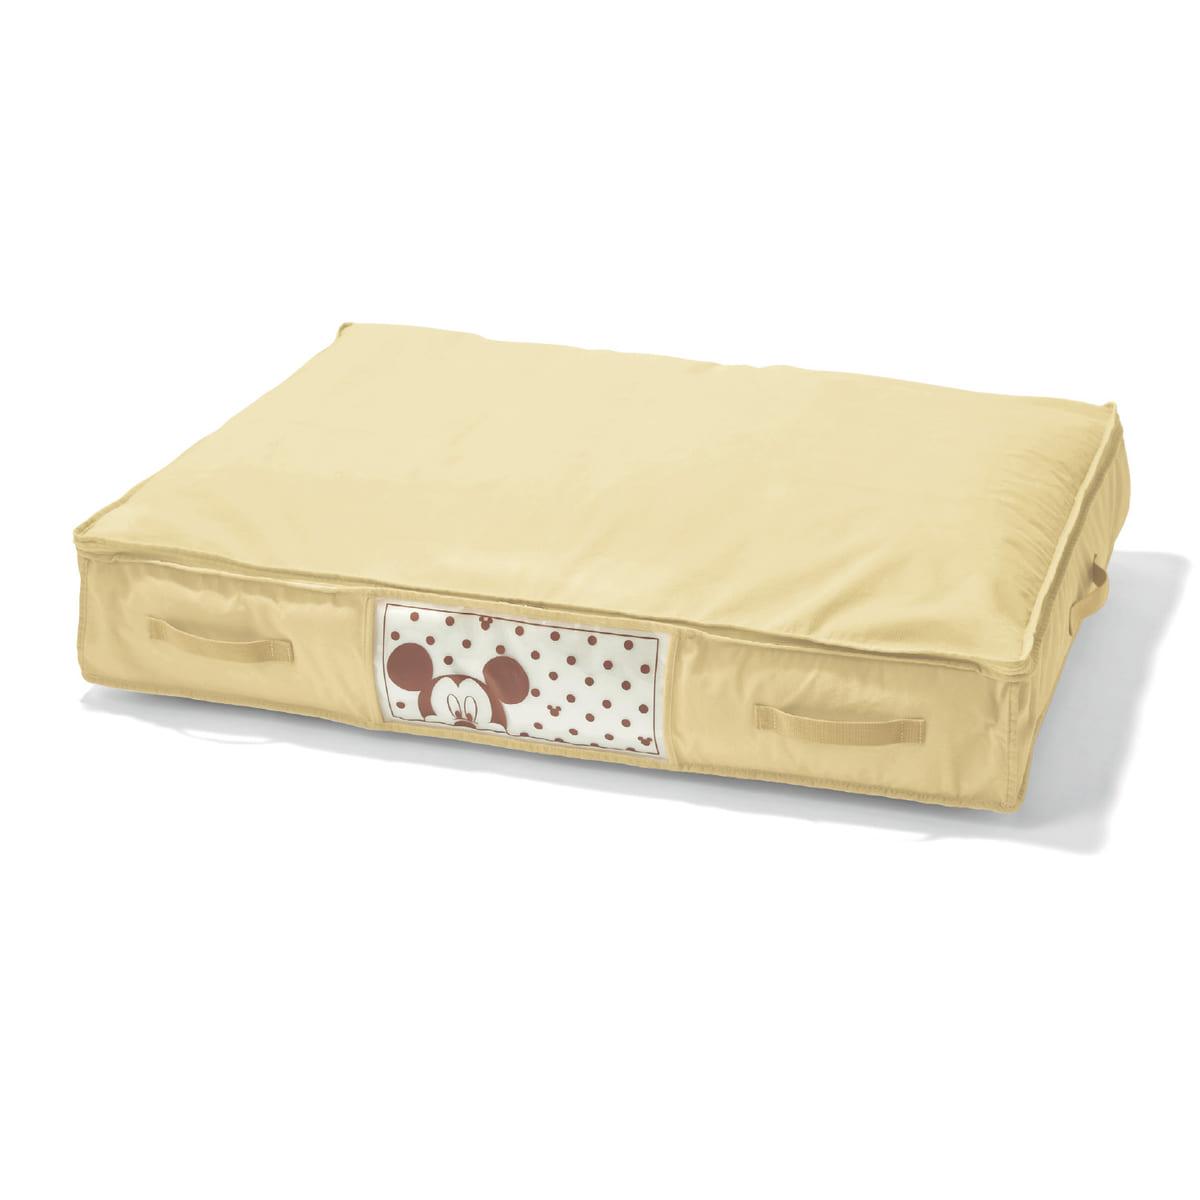 防ダニ・抗菌防臭の押し入れ用布団収納袋 羽毛布団用